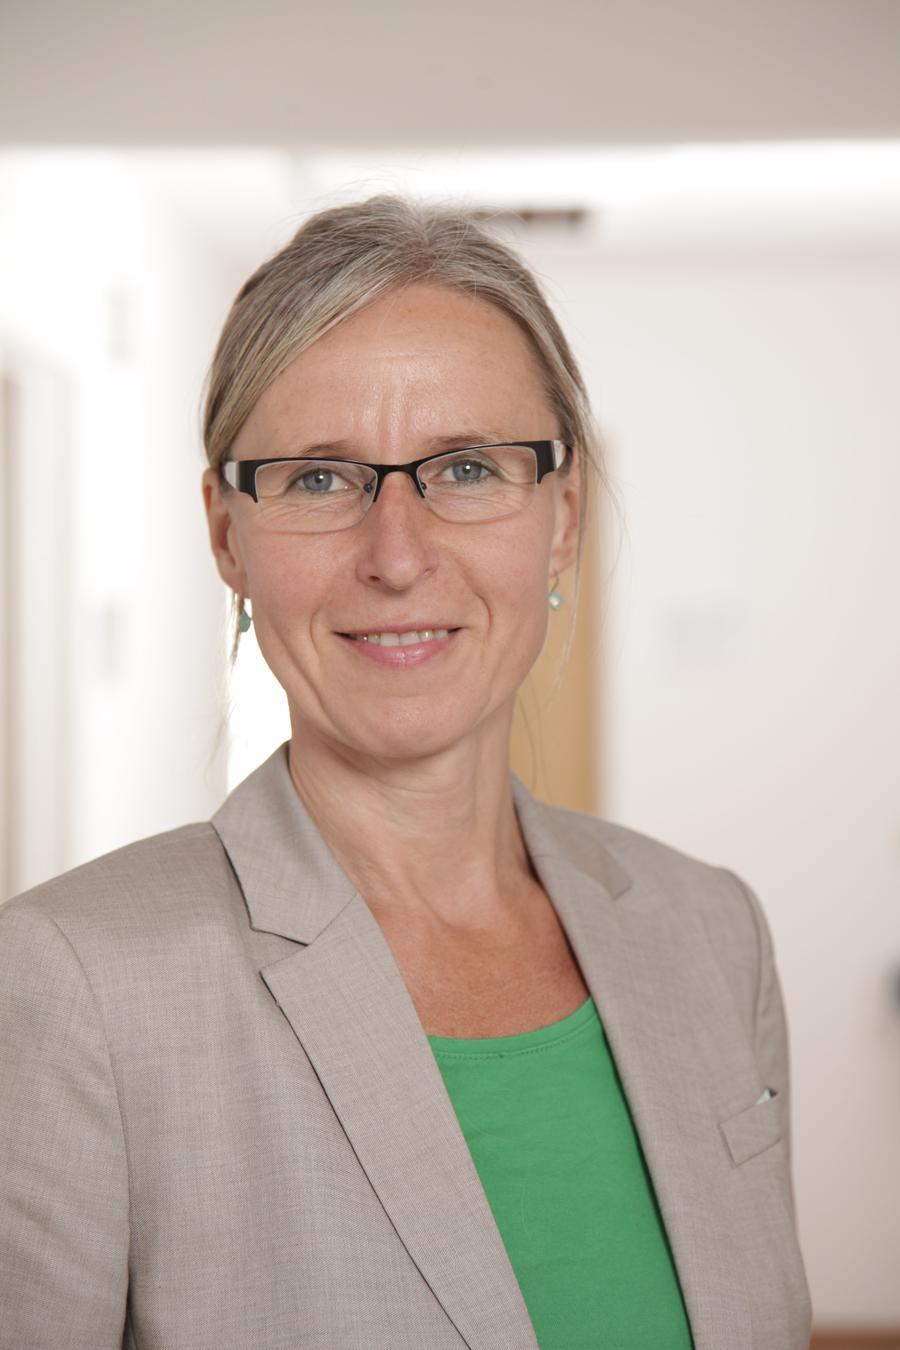 Regionalmanagerin Anette Kurth (Verein Region GießenerLand e. V.) berichtet beim Gründerstammtisch Gießen am 15.07.2017 über die Möglichkeiten einer LEADER-Förderung für Gründungsinteressierte aus dem ländlichen Raum (Quelle: privat)